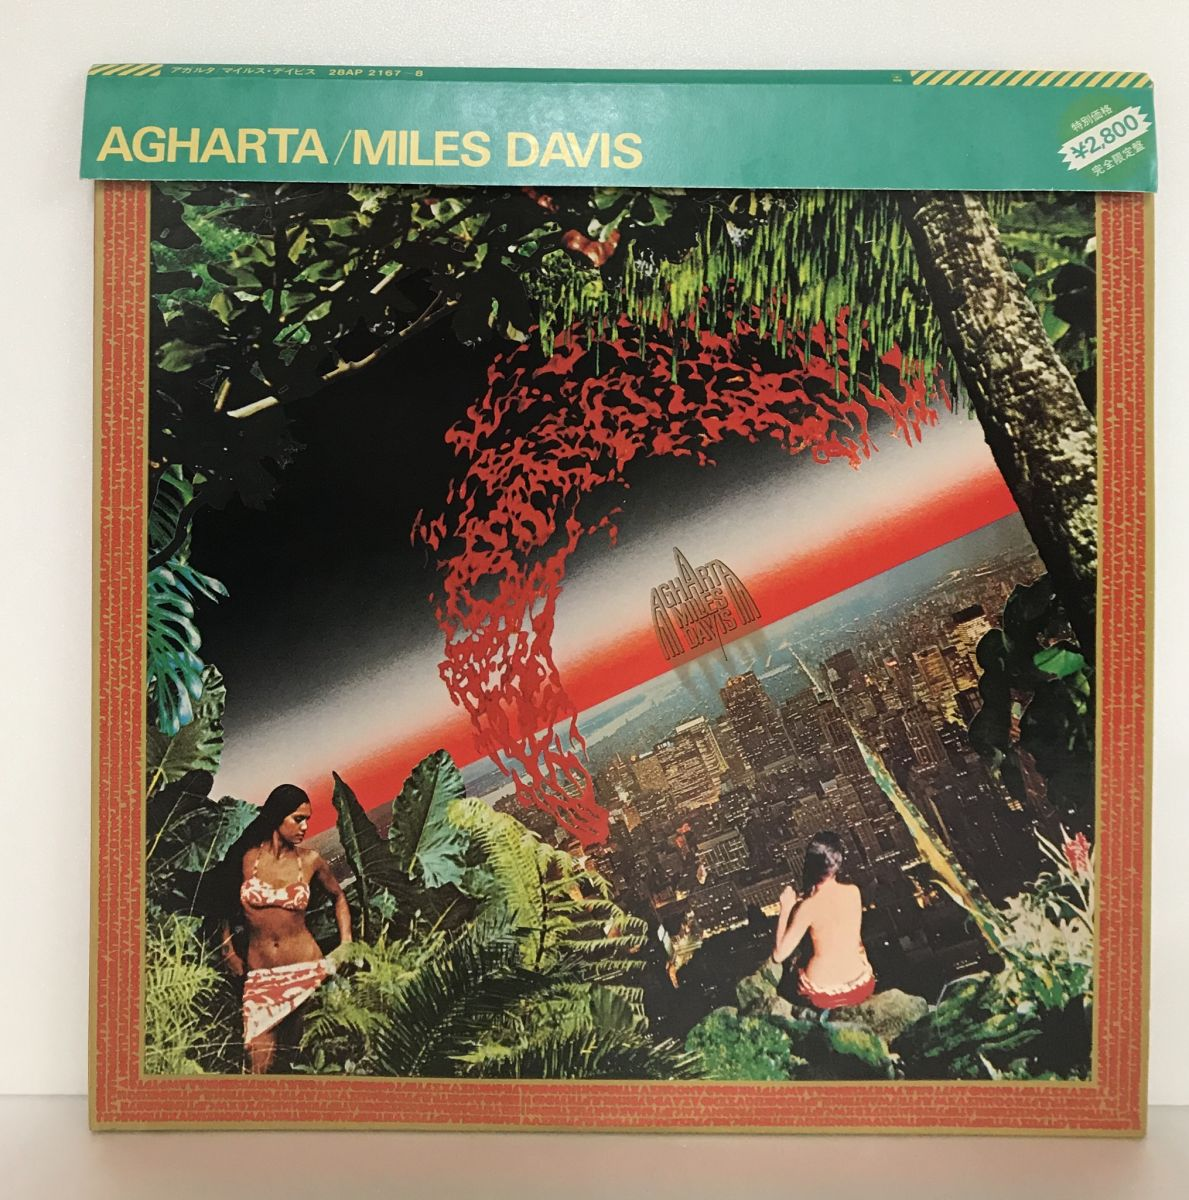 【レコード買取り】マイルス・デイビス/アガルタLP盤の買取り実績